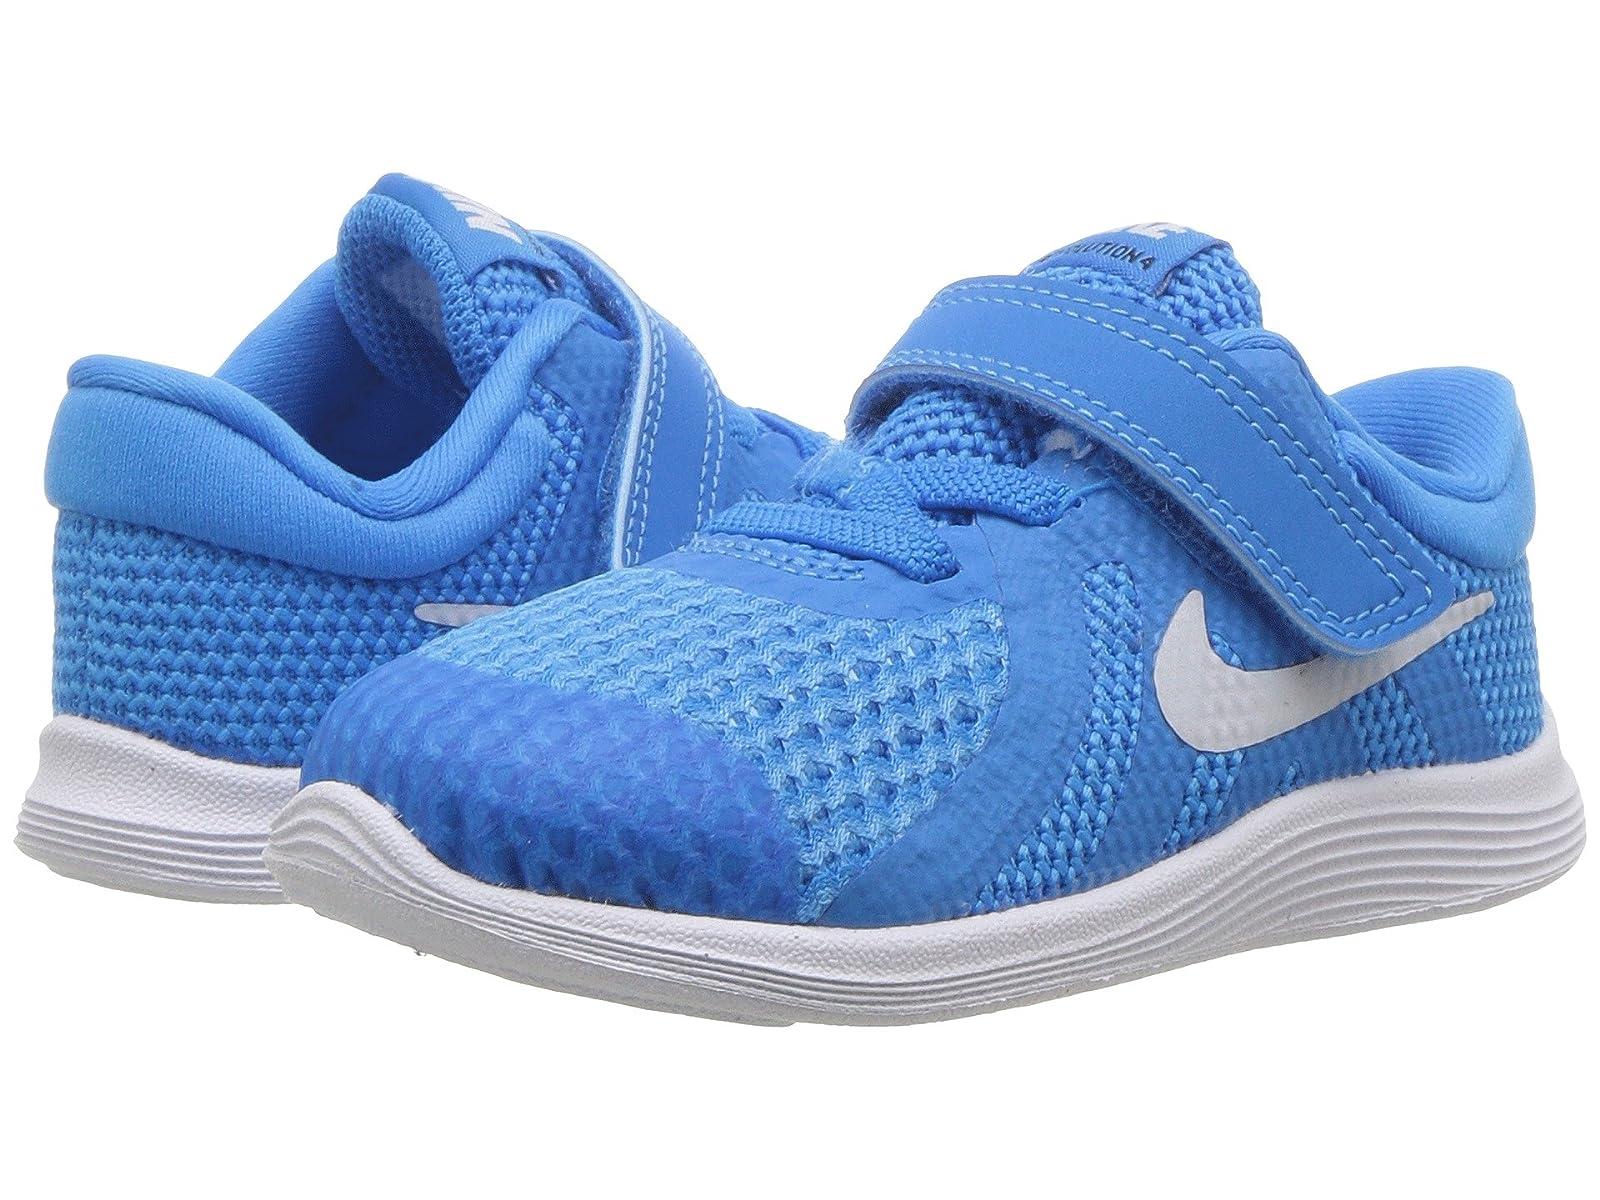 Nike Kids Revolution 4 (Infant/Toddler)Atmospheric grades have affordable shoes